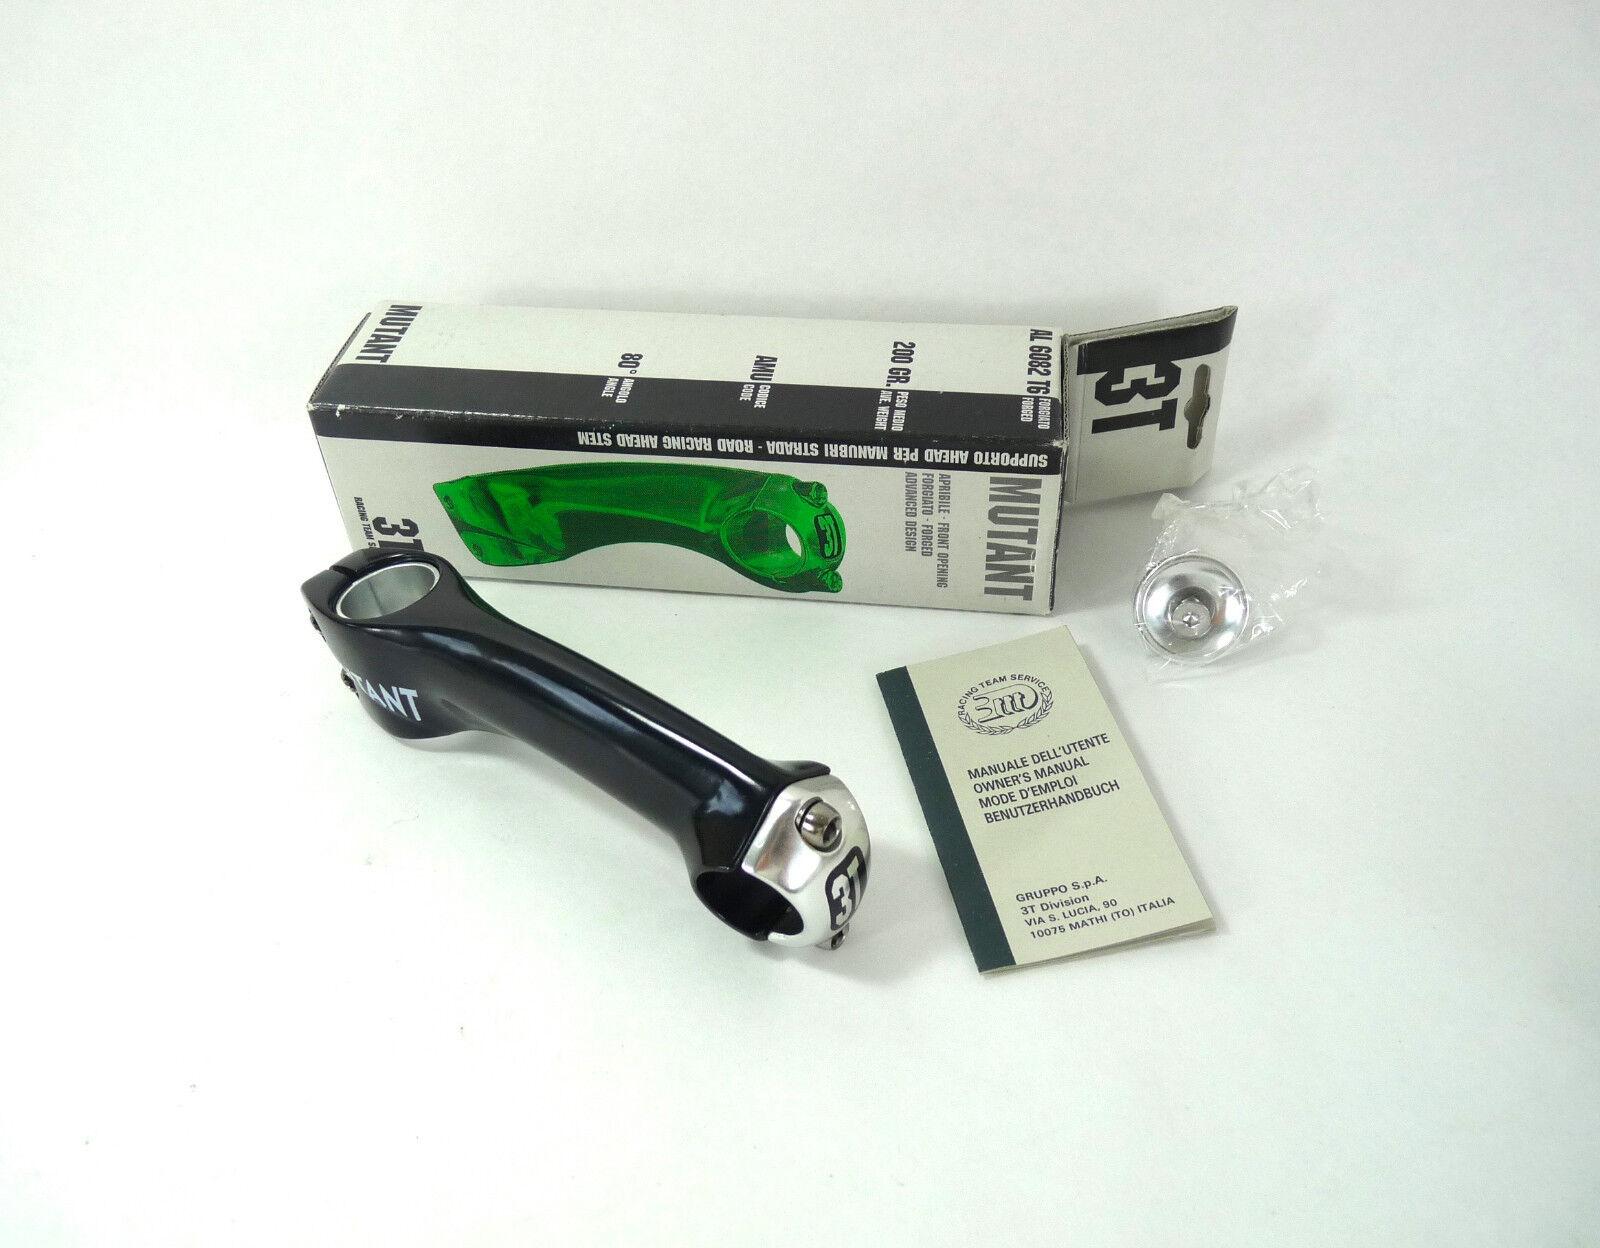 Mutante vástago 1  o 1-1 8  3T 130mm 3ttt Vintage Bike Threadless 26.0 negro nos